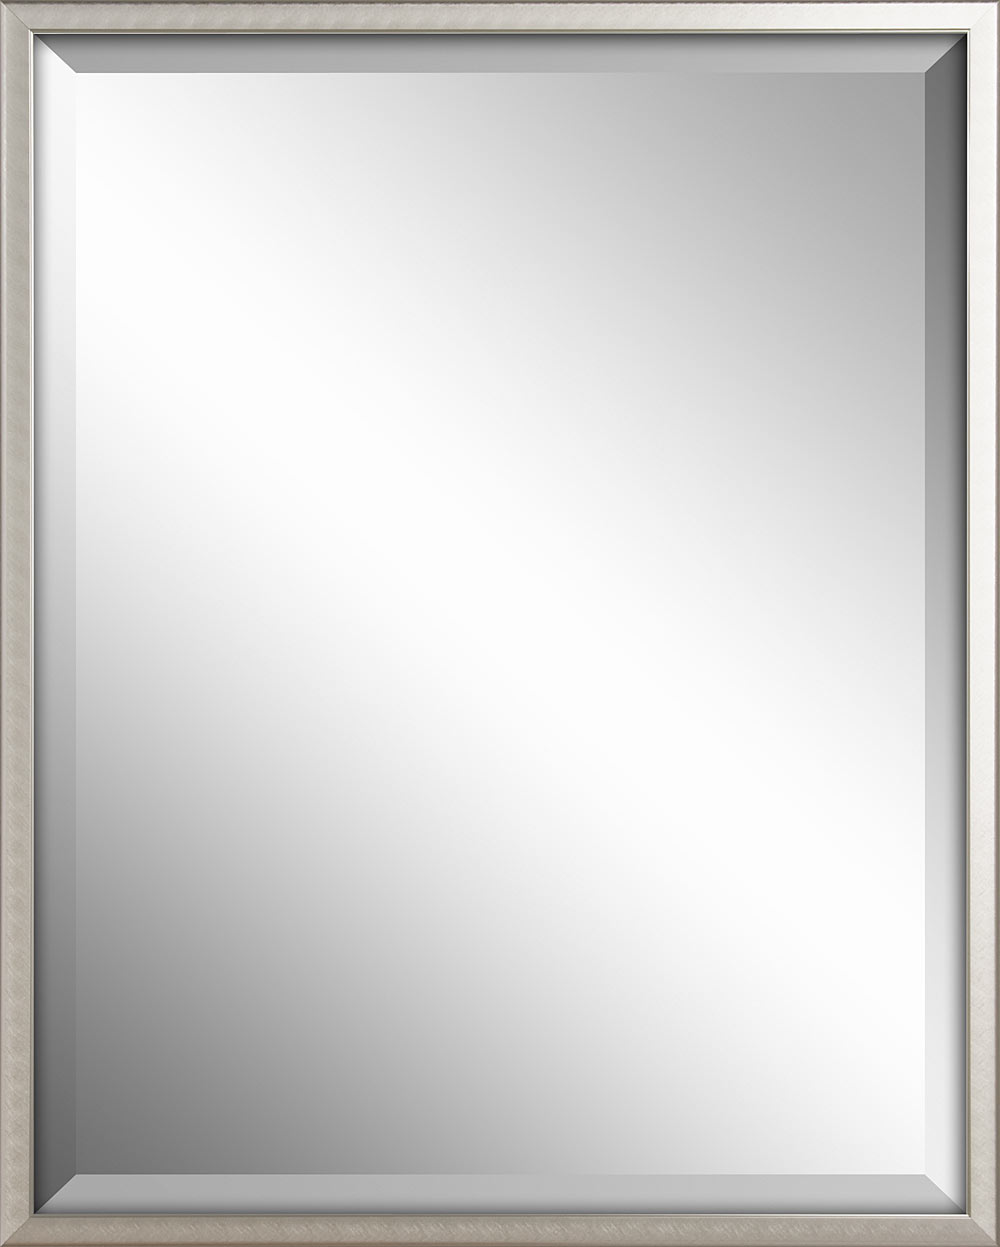 Spiegel Rahmen Silber – Dekoration Bild Idee